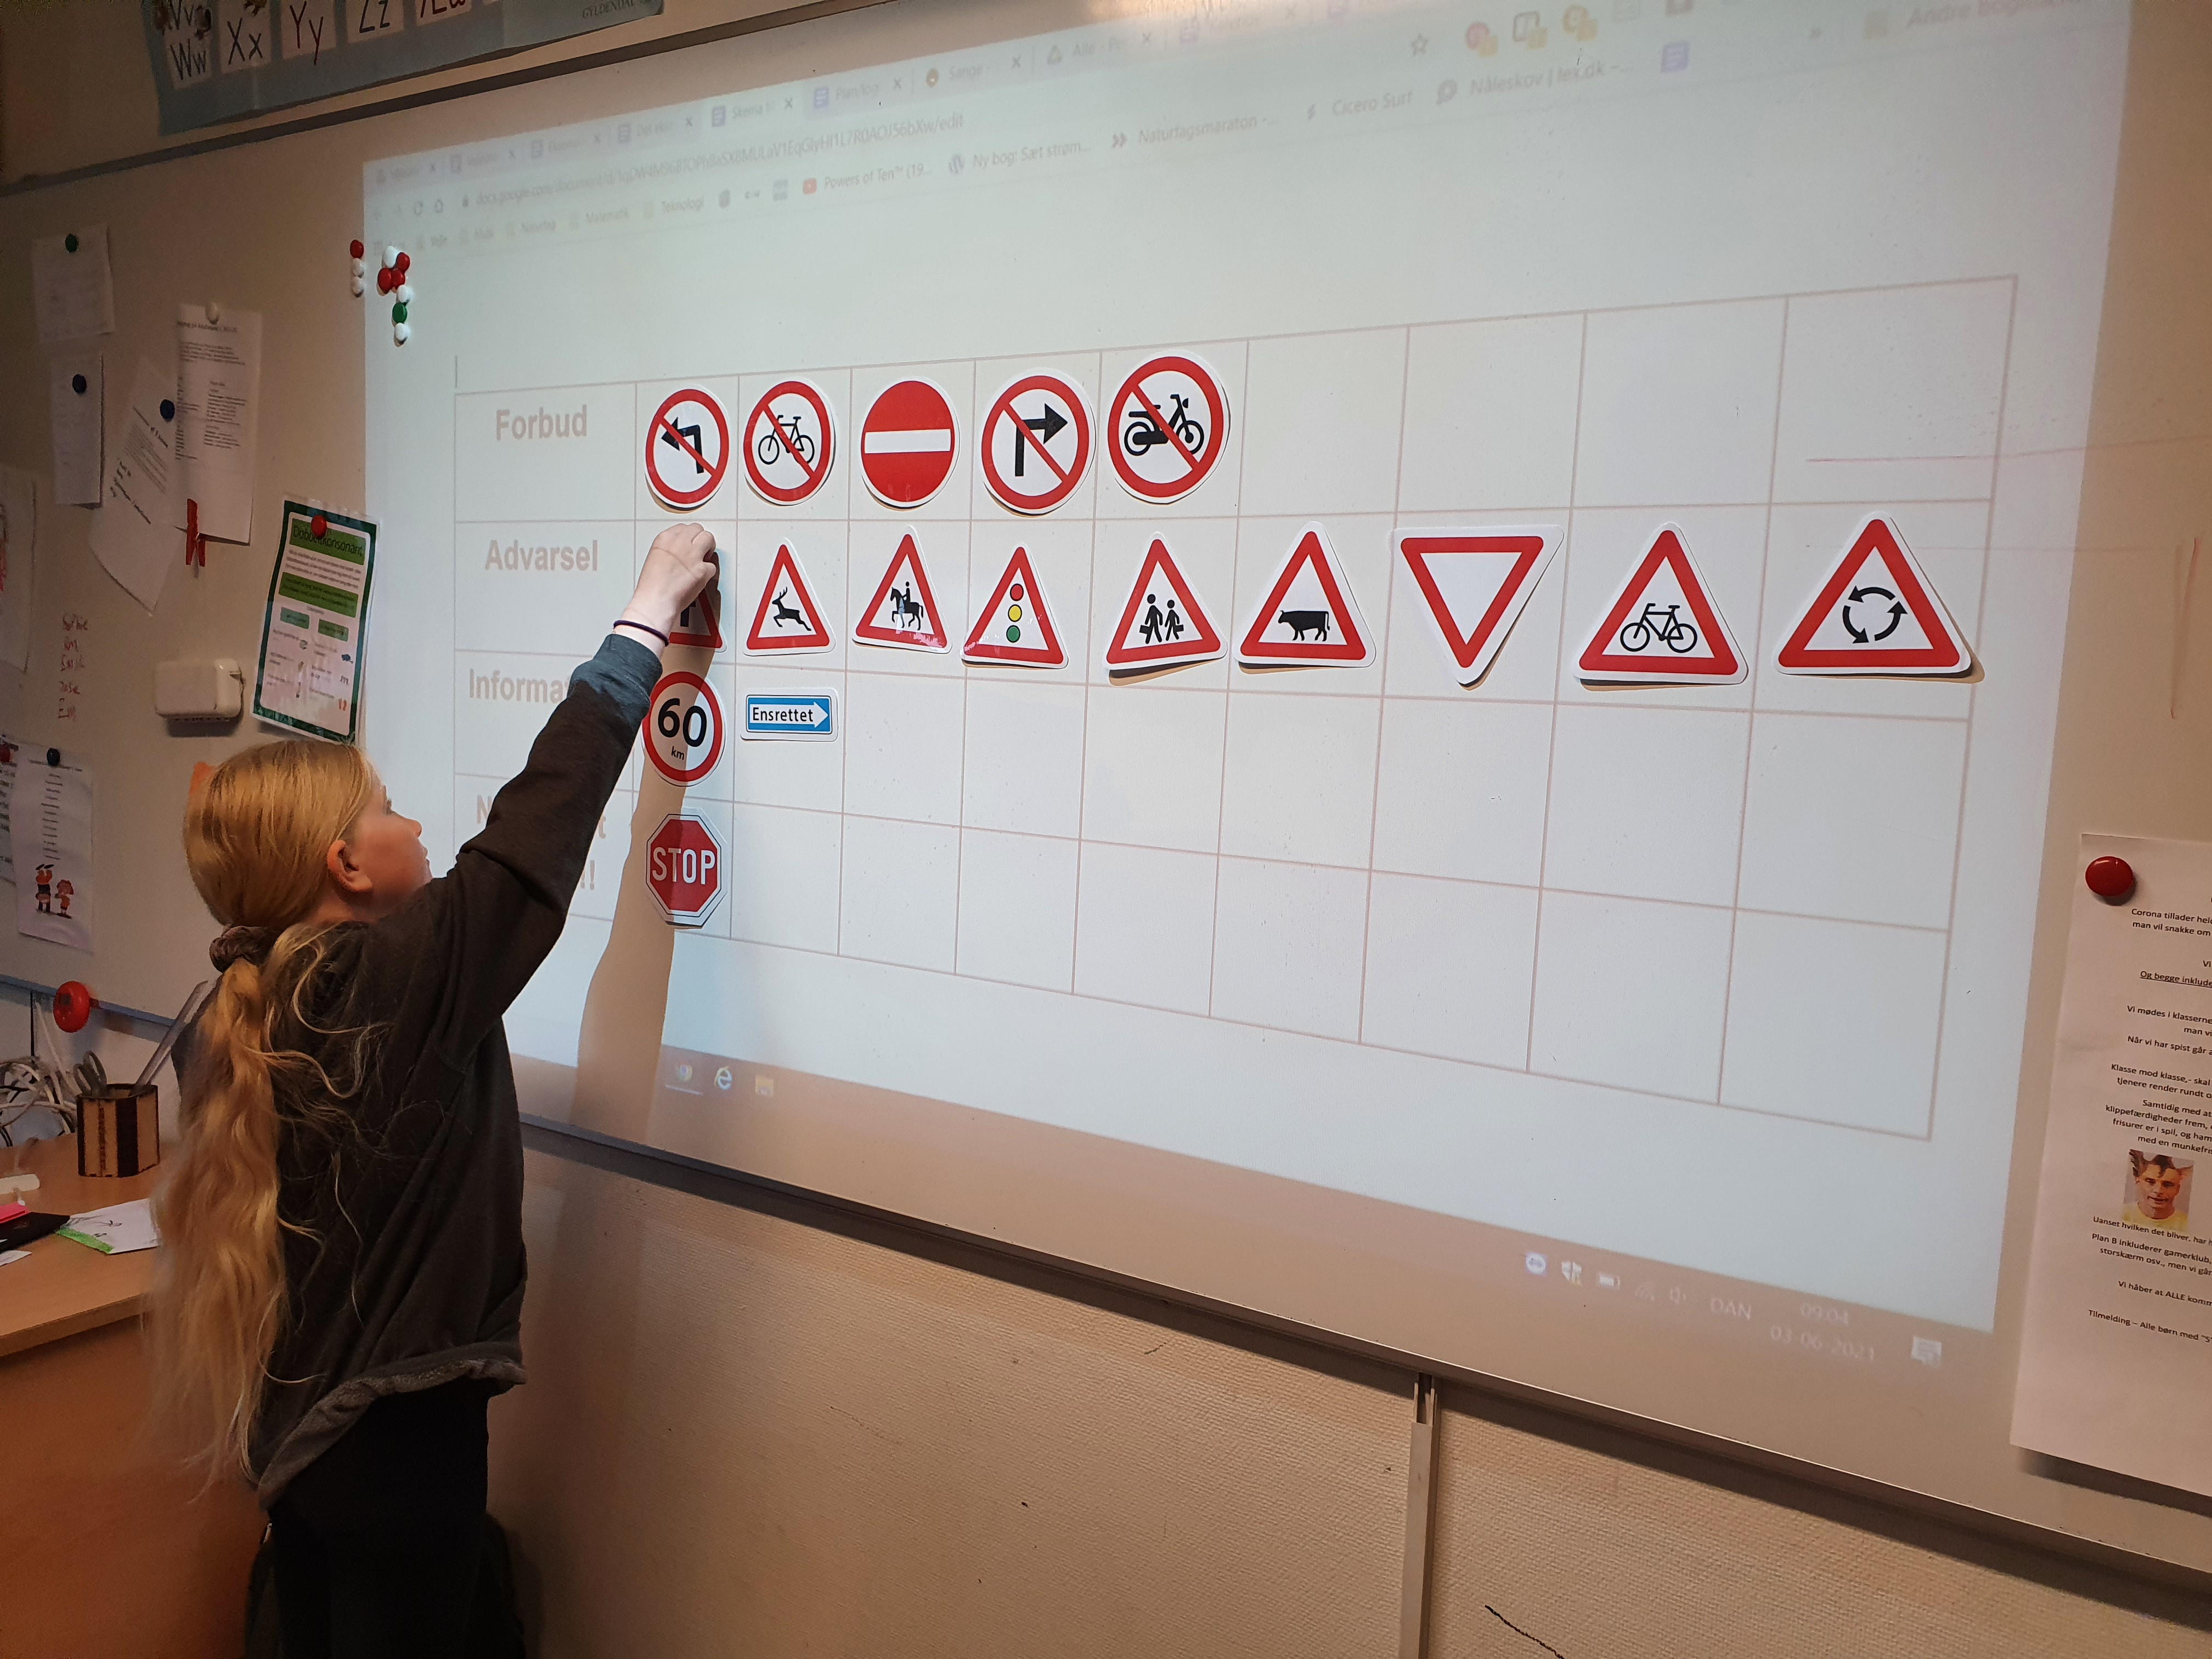 Elev er ved at placere et skilt i et skema på en tavle. Der er mange andre skilte i forskellige felter på tavlen